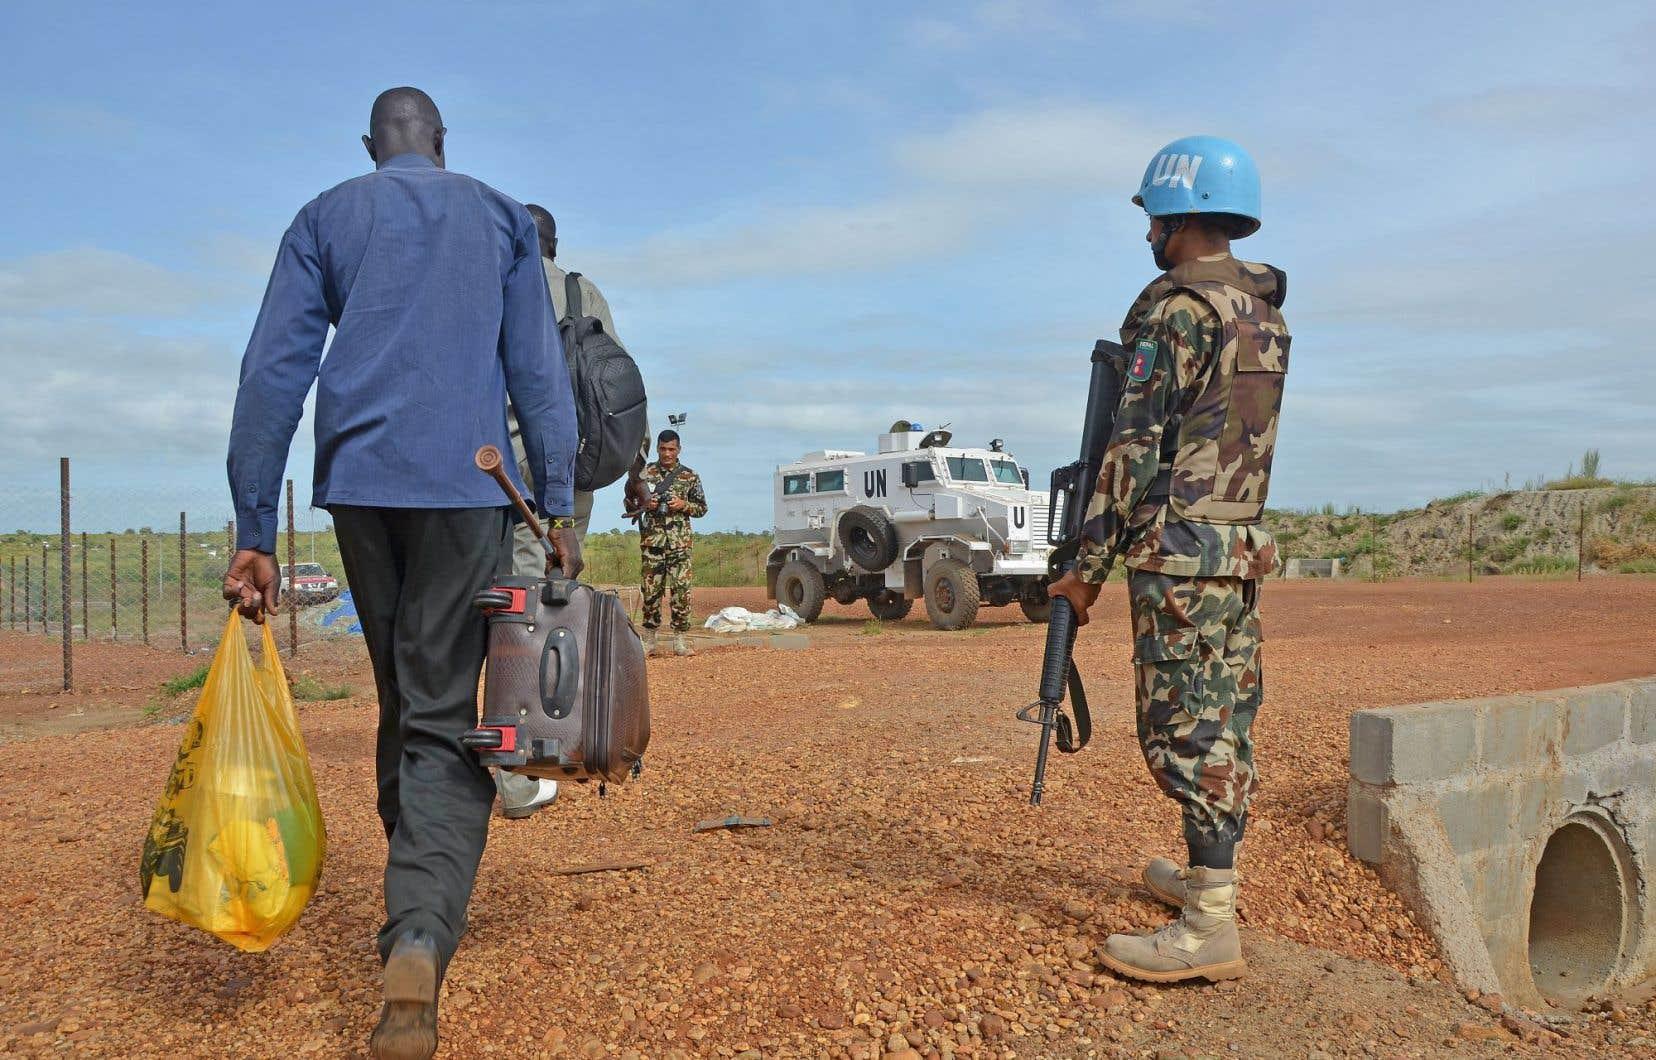 Un soldat des opérations de maintien de la paix de l'ONU à Juba, au Soudan du Sud, en 2014.